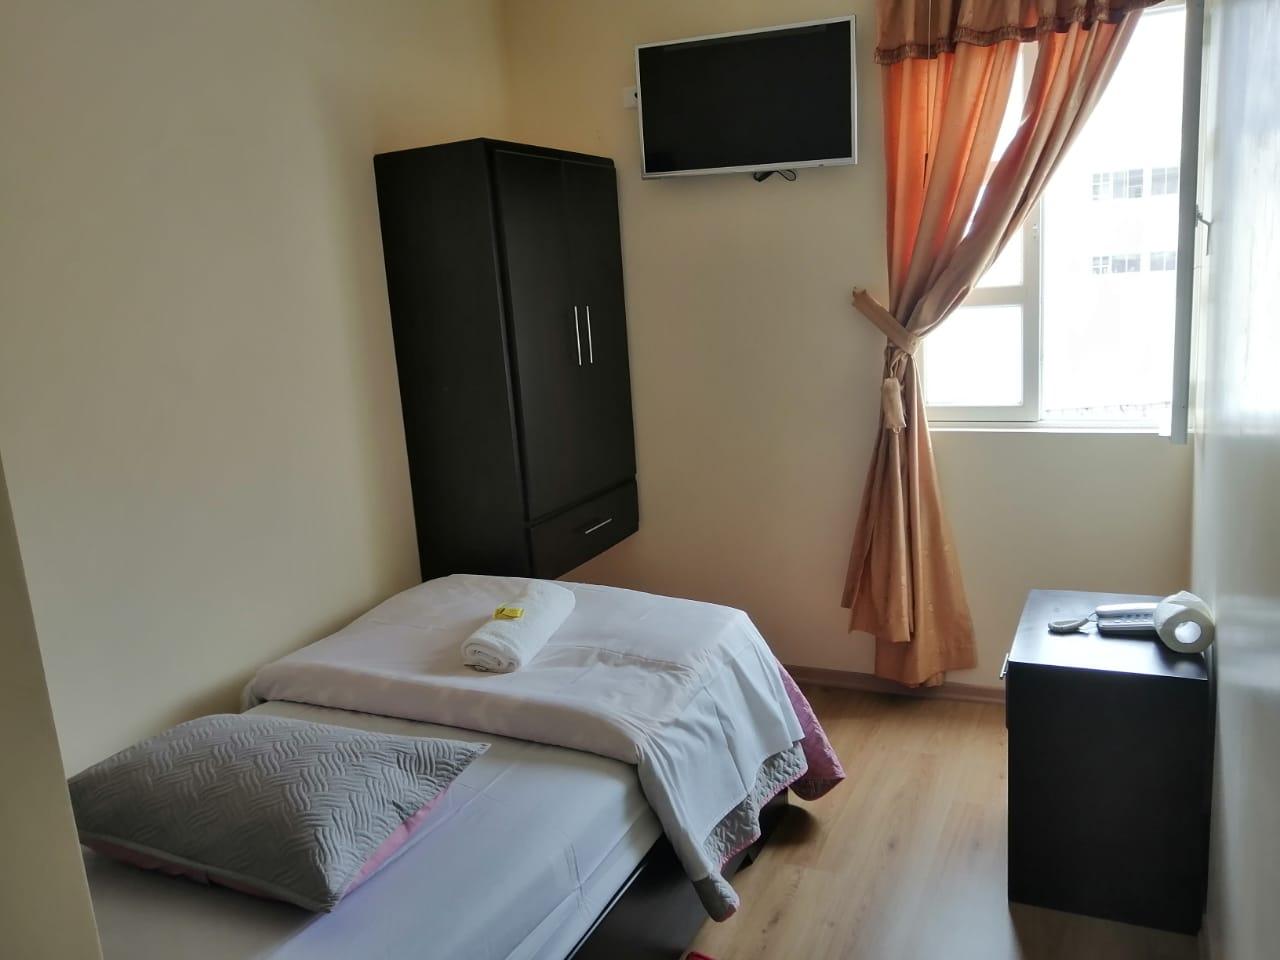 habitación para una persona en saquisili